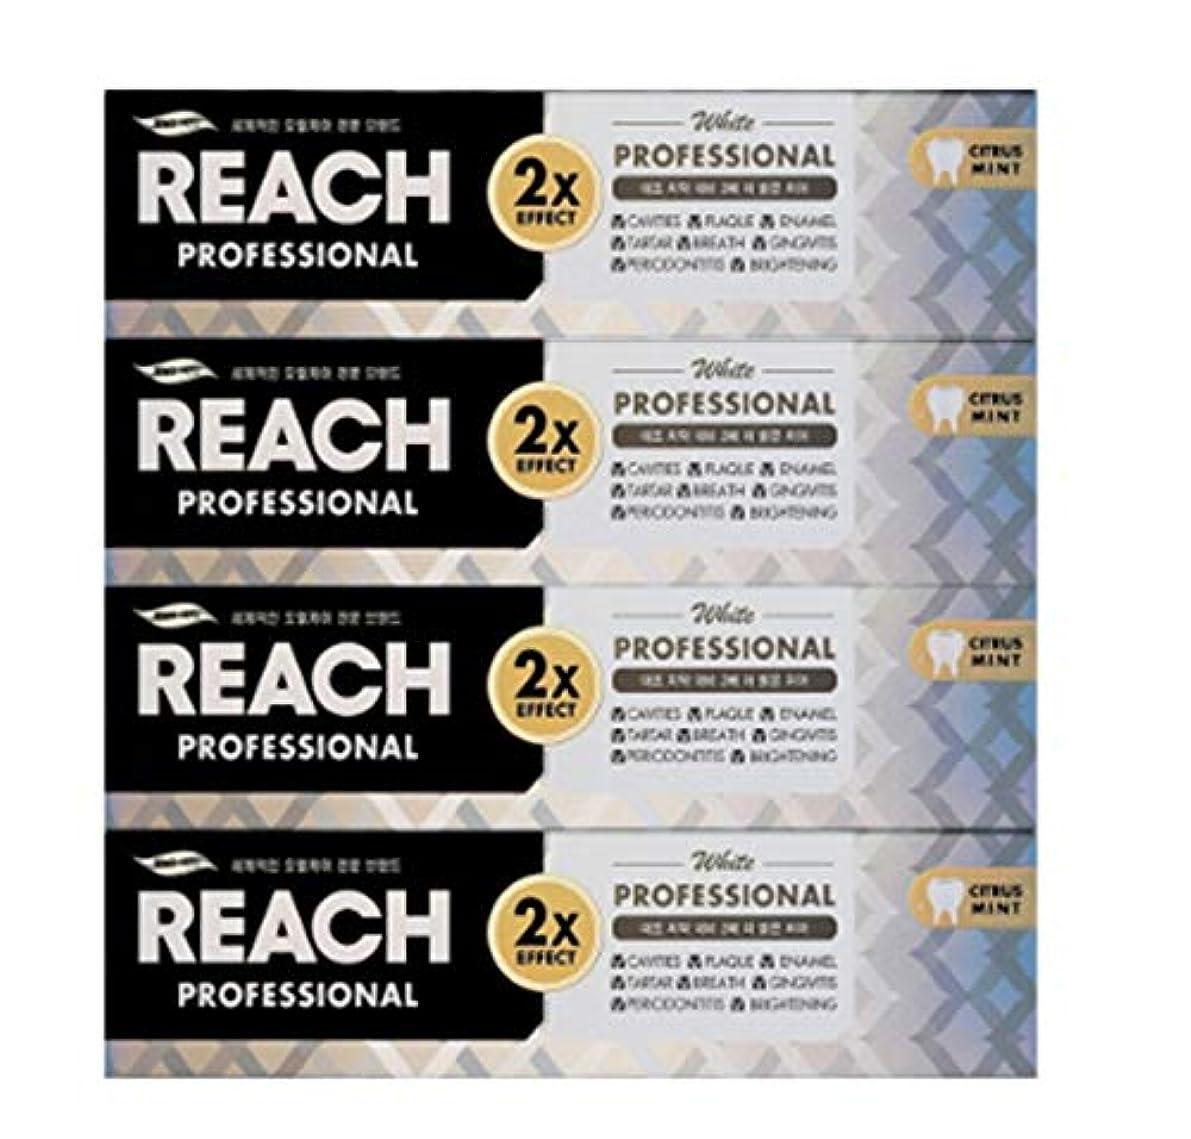 窒素期待する疑い[LG生活と健康] LG Rich Professional toothpaste whiteningリッチ、プロフェッショナル歯磨き粉ホワイトニング120g*4つの(海外直送品)